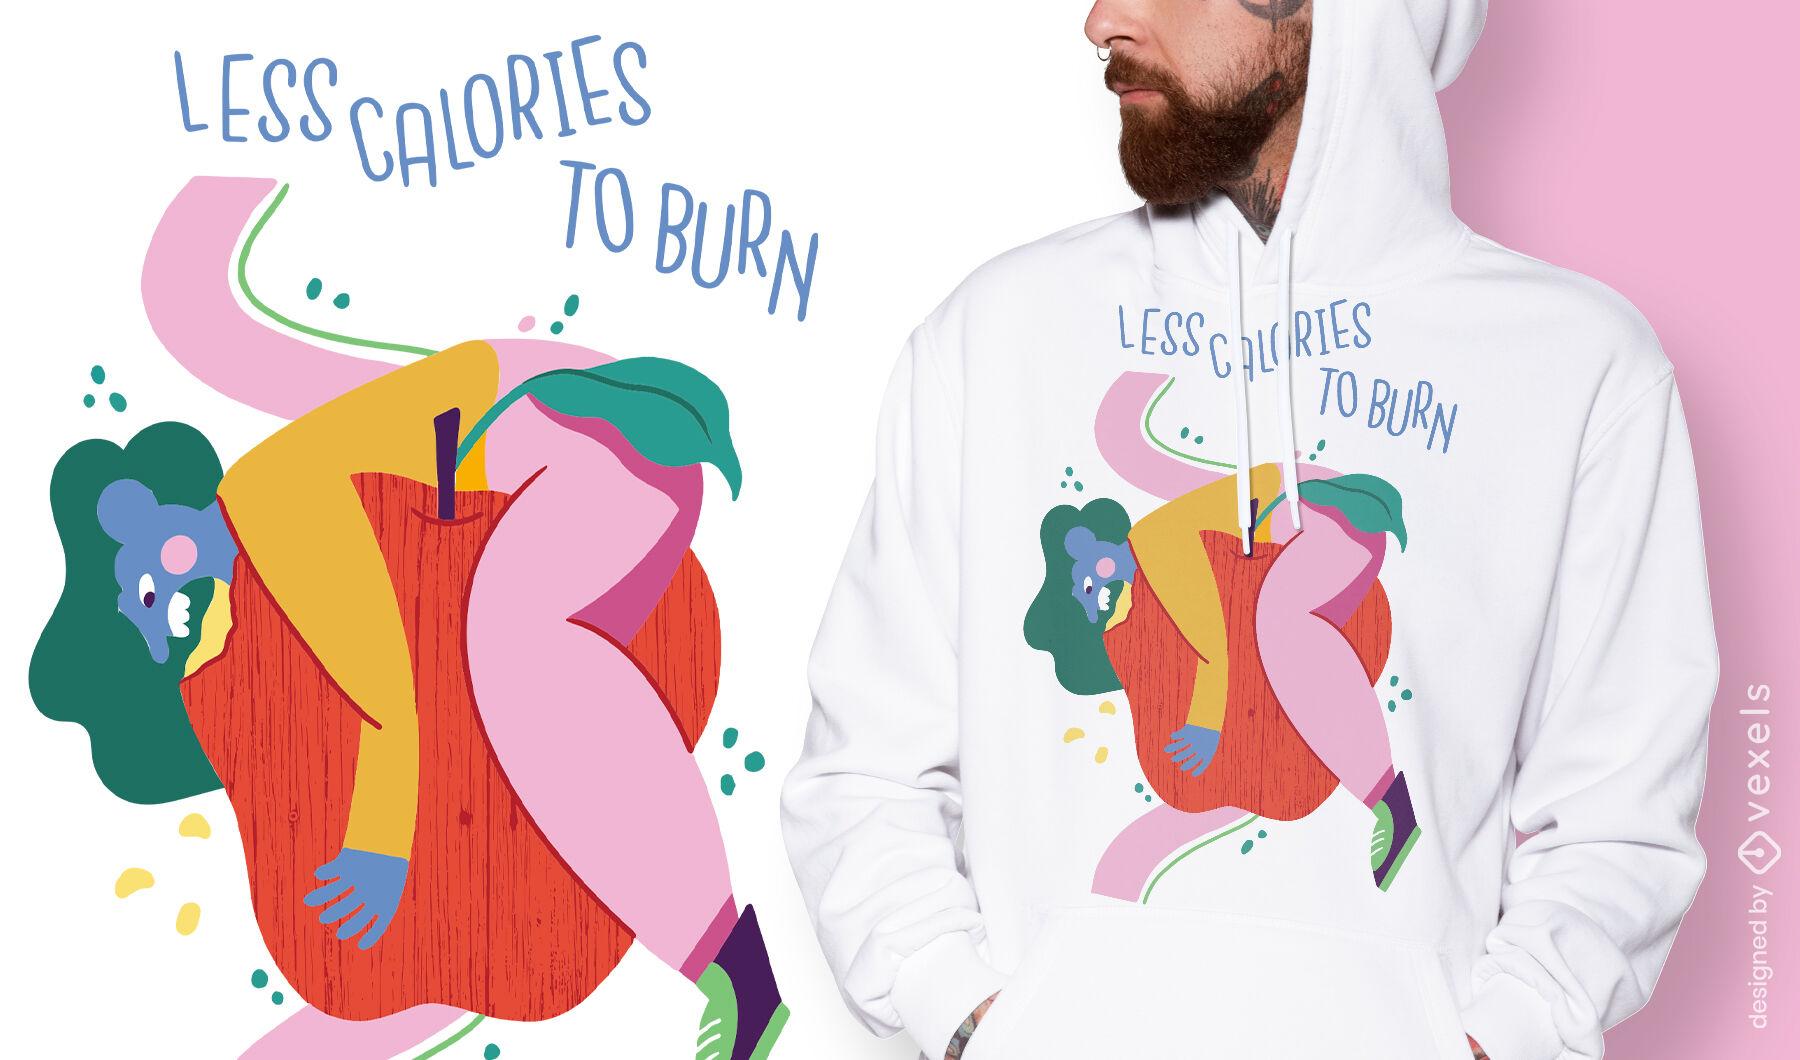 Less calories vegan t-shirt design